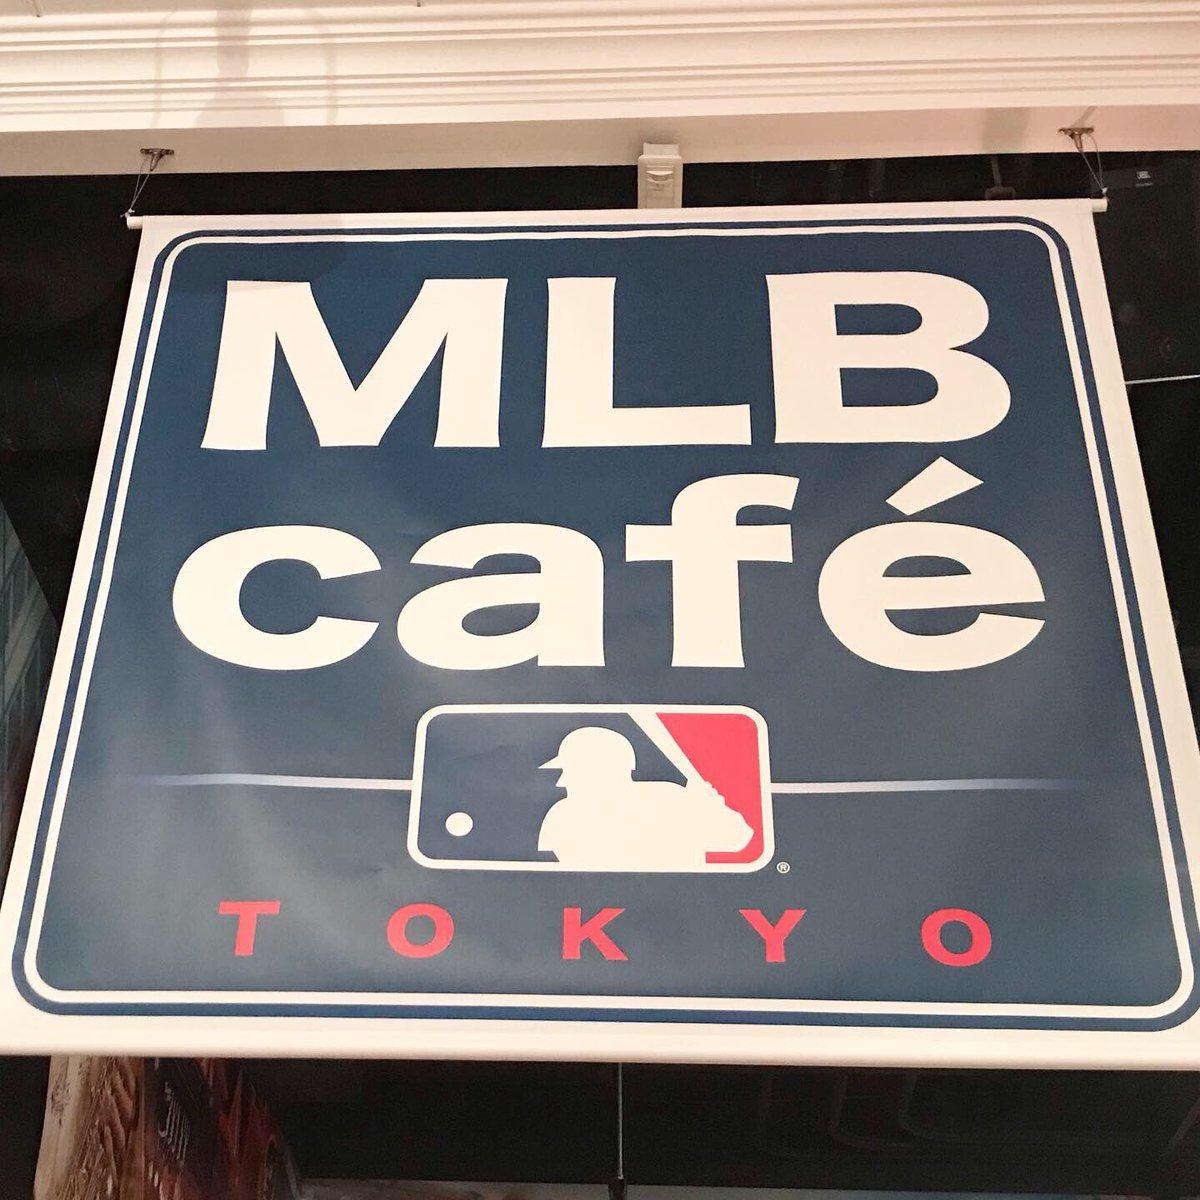 5.29 wed. フレックス勤務にて16時に退社。会社近くで家内&次男と合流、東京ドームへ。MLBカフェで軽く2杯…☆彡。 #フレックス勤務 #外飲み #東京ドーム #mlbカフェ #ハンバーガー #すべてはうまいのために #ツイッター晩酌部